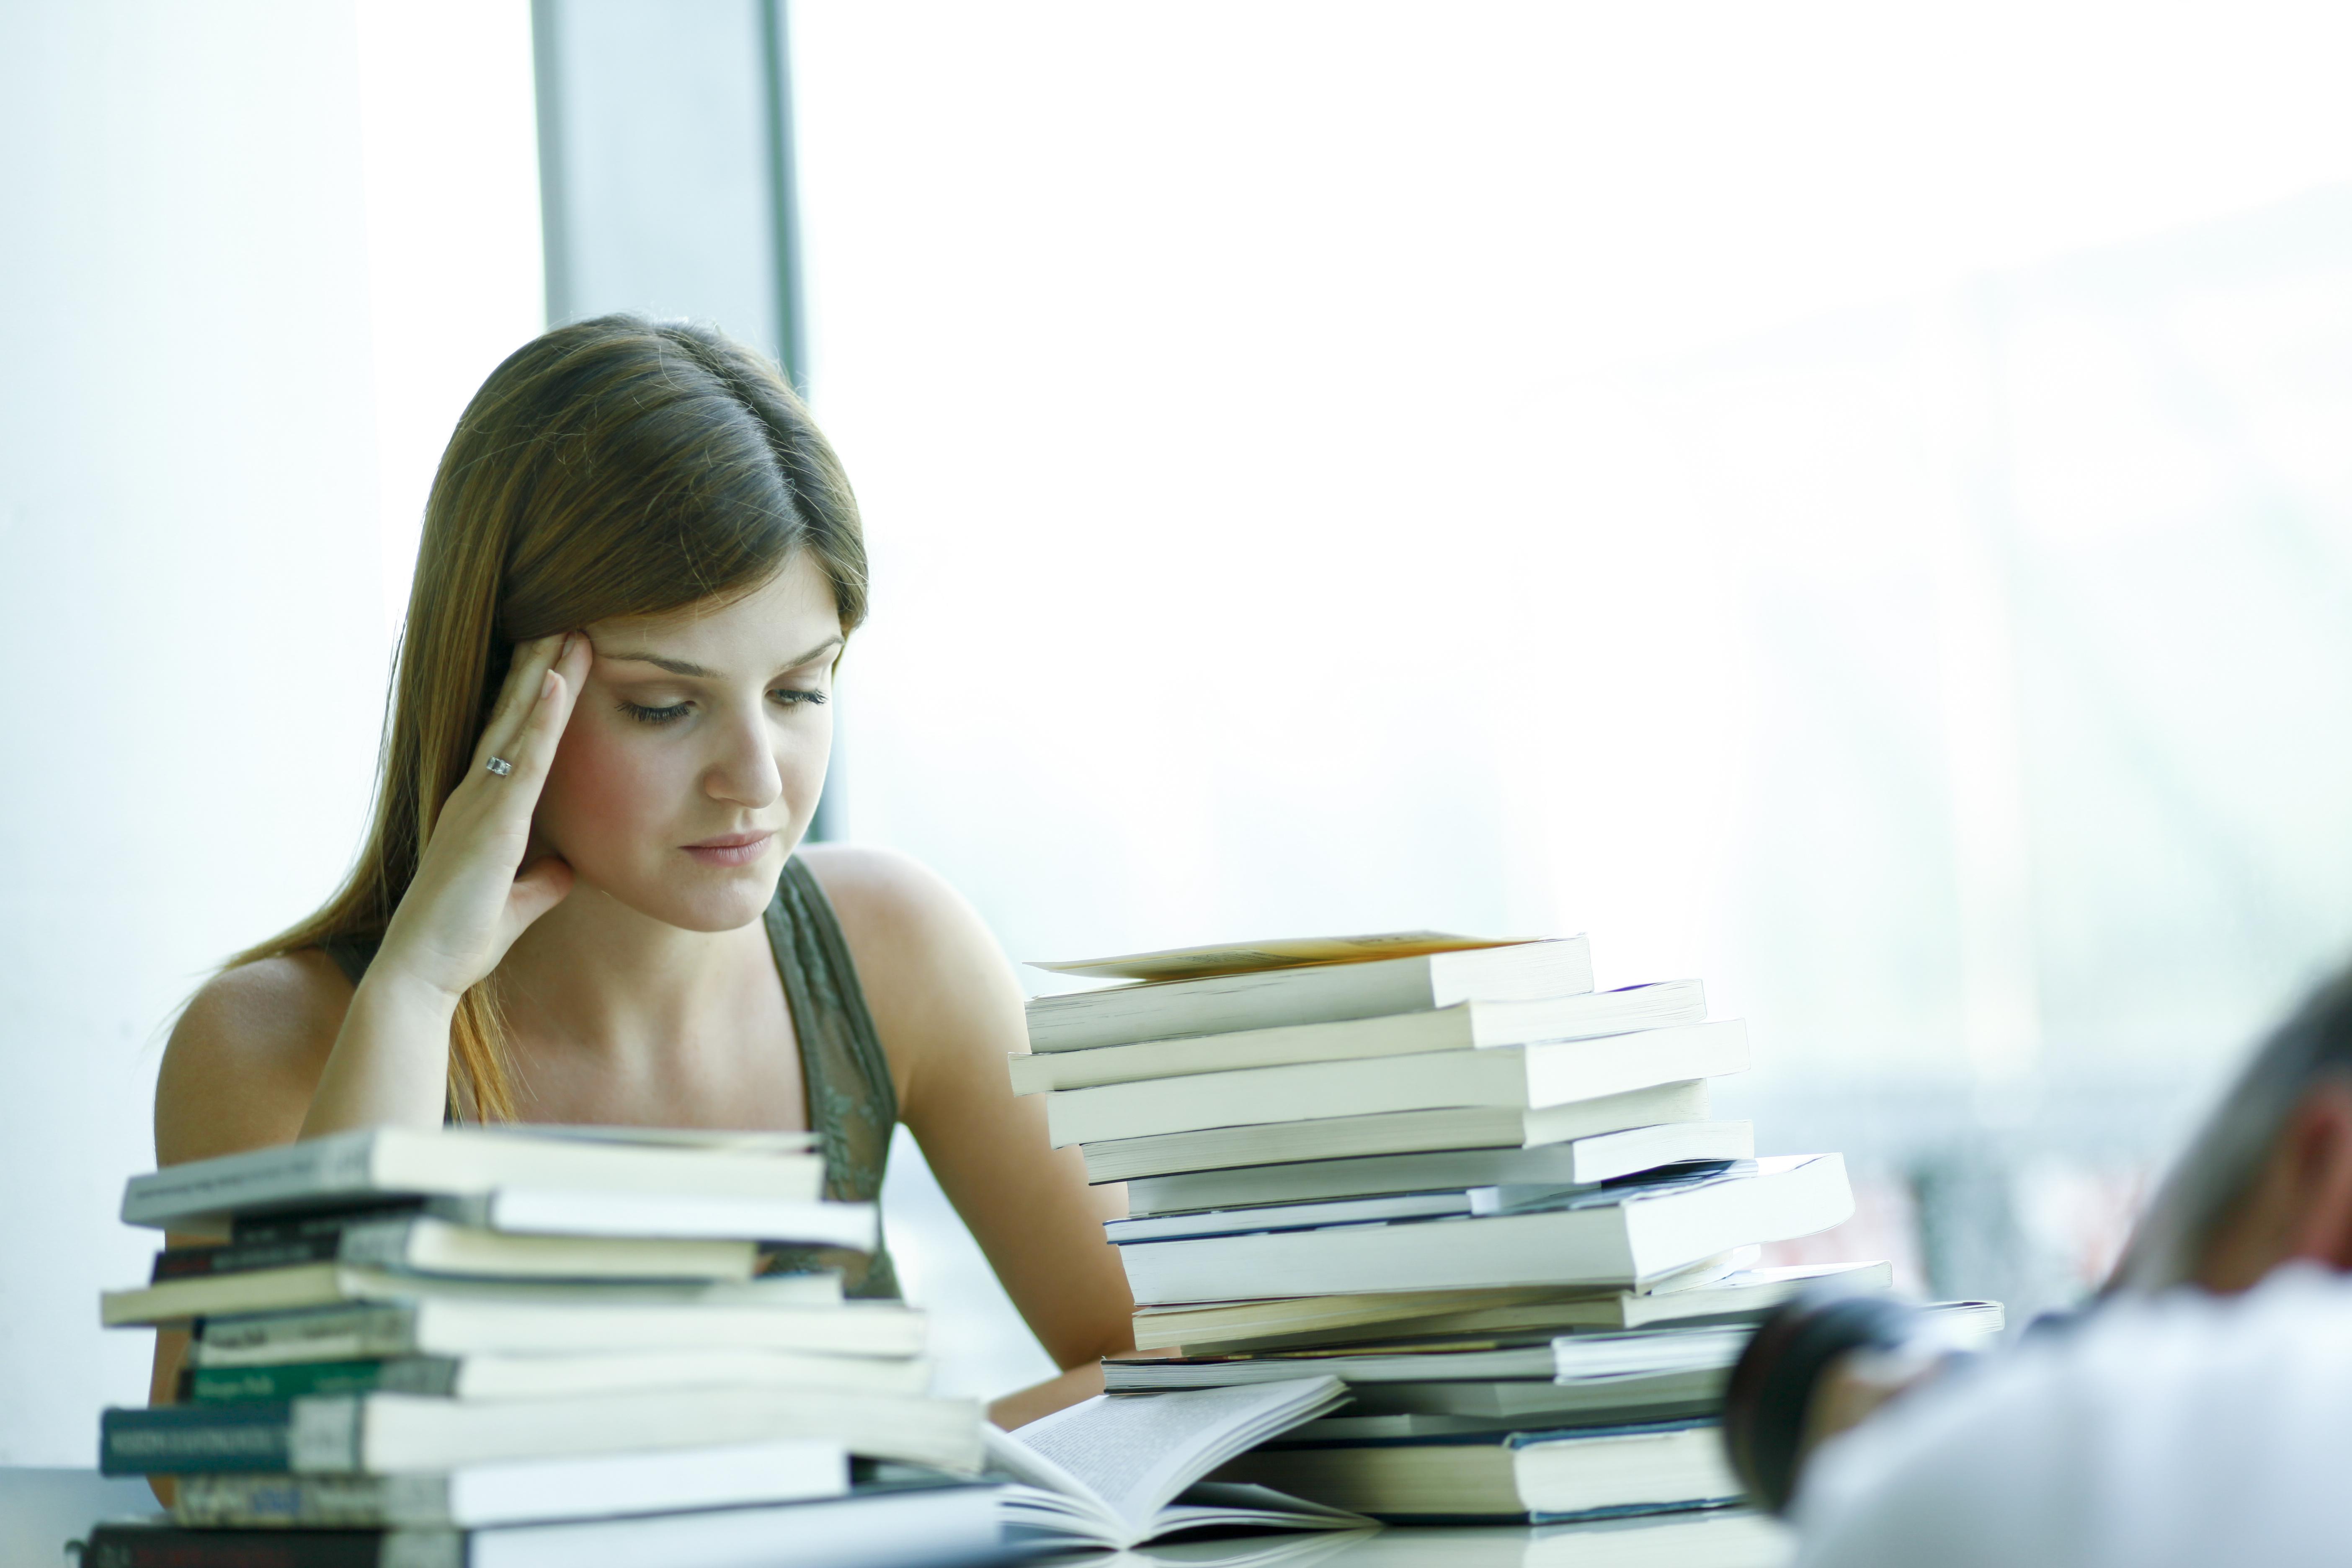 wissenschaftliche Texte lesen